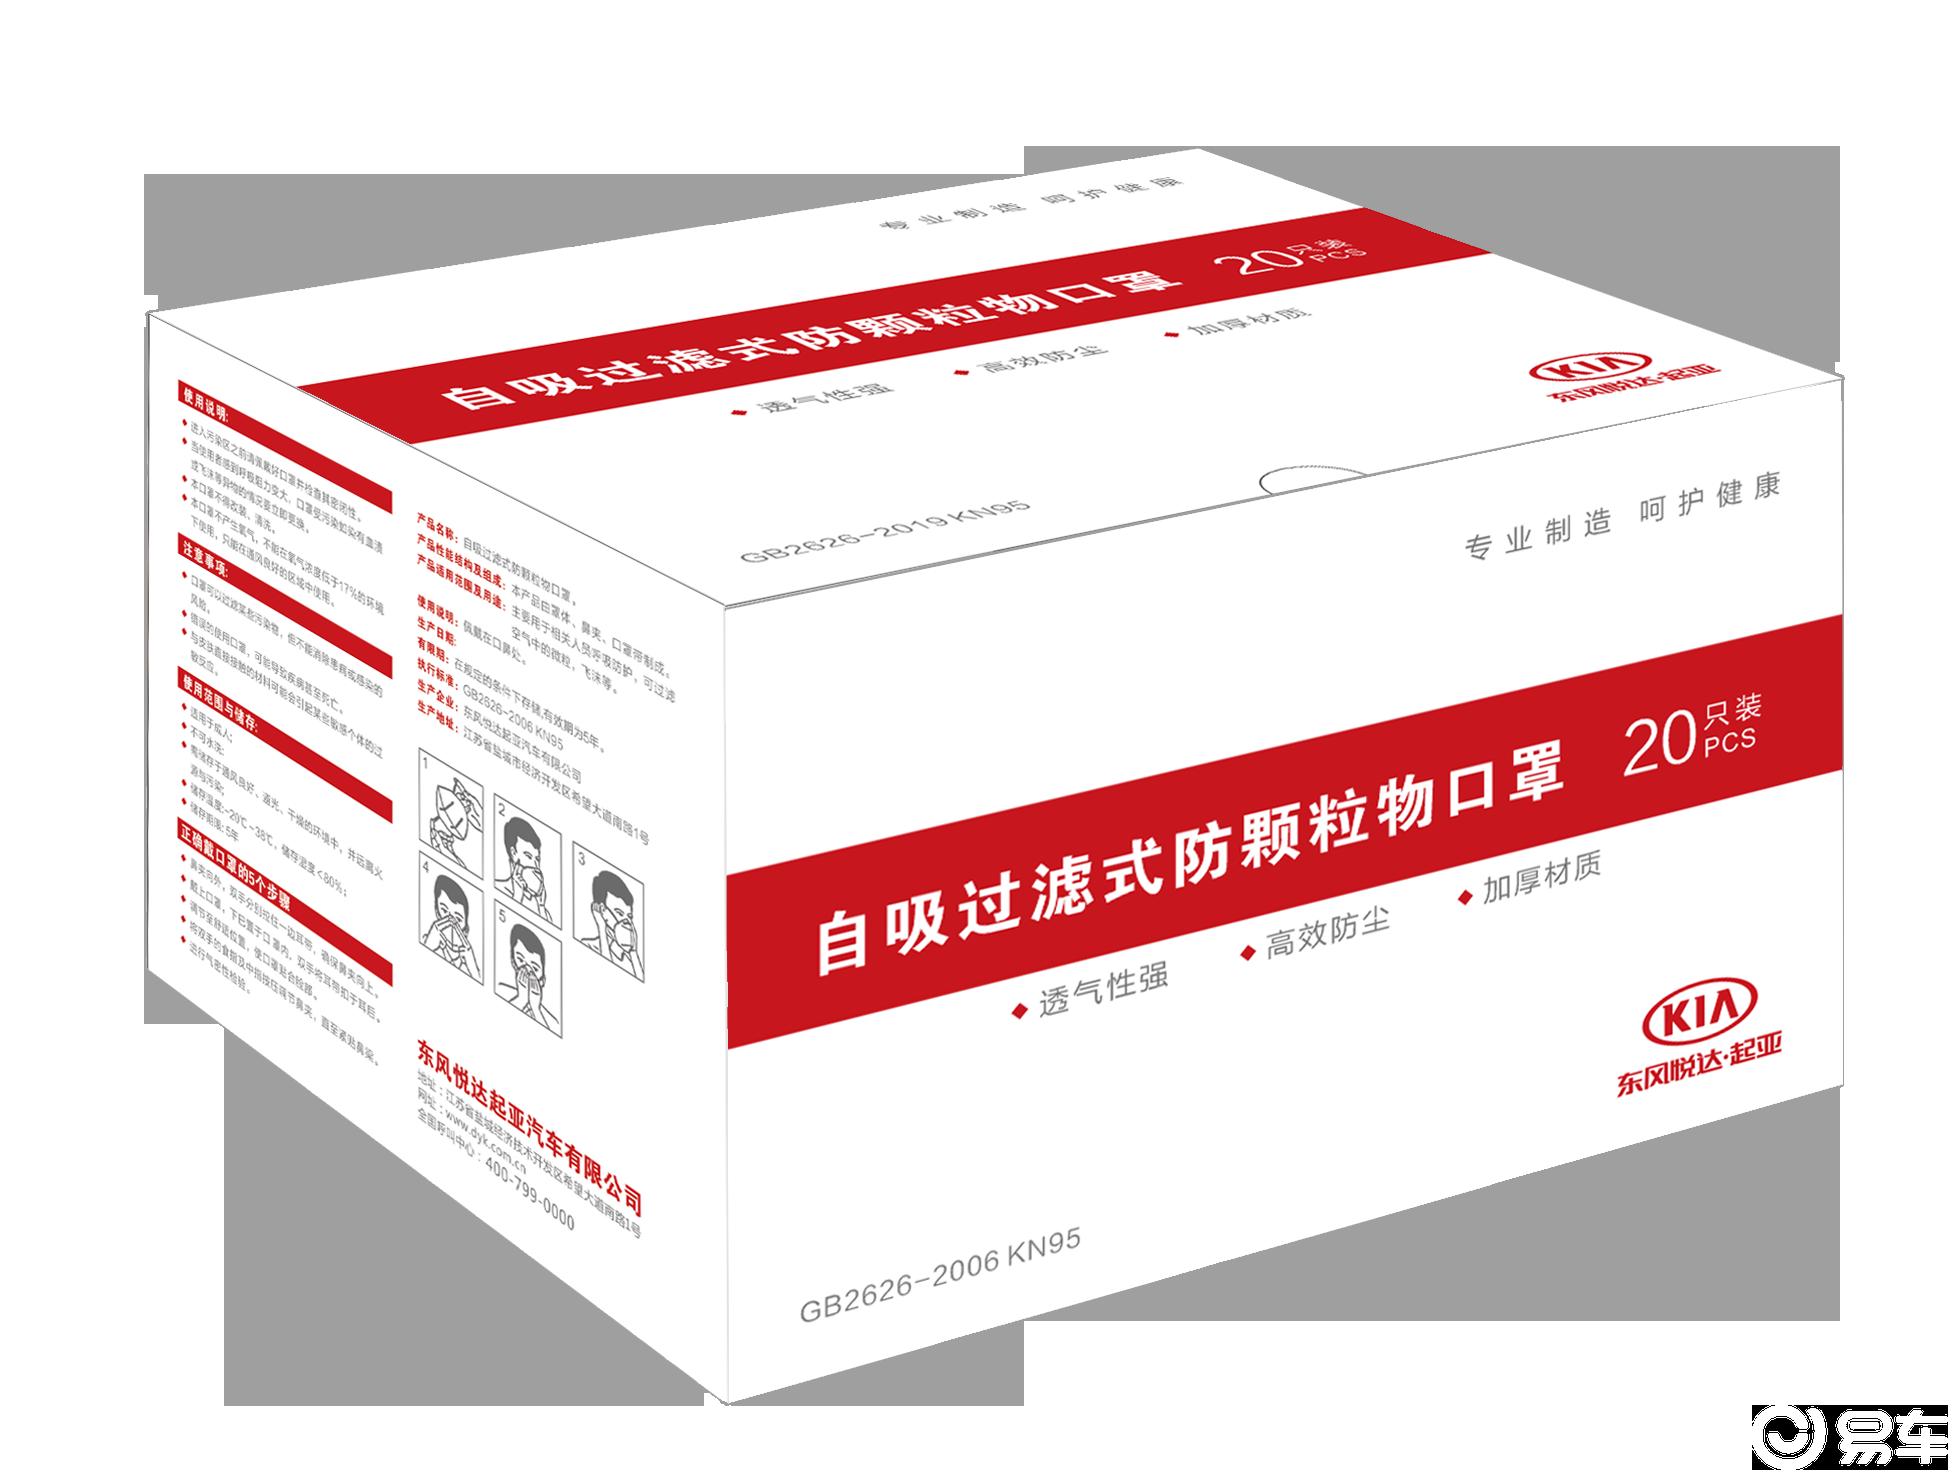 东风悦达起亚KN95口罩将于4月8日正式量产